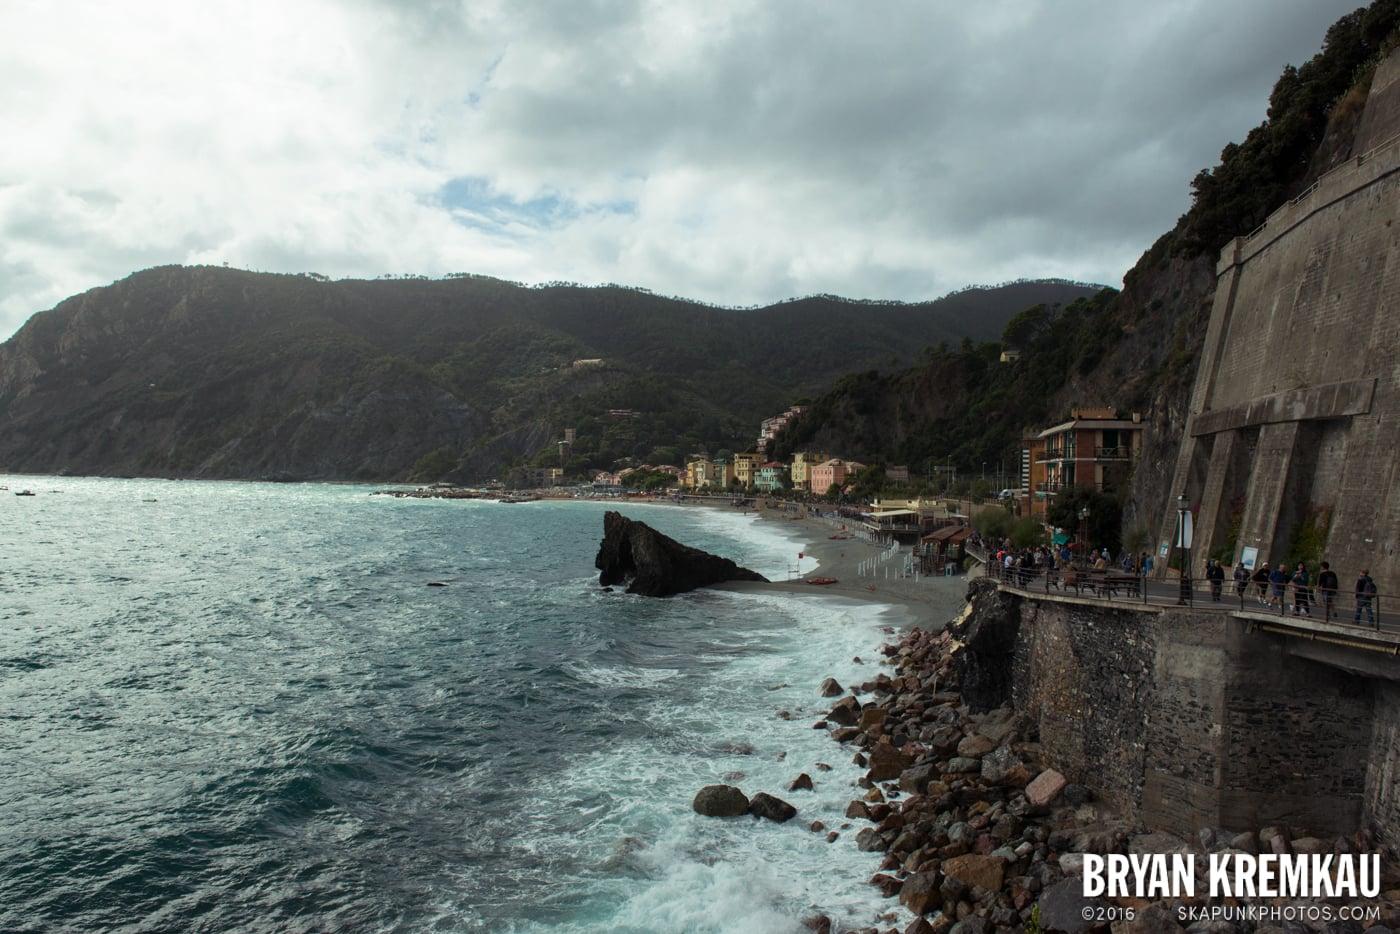 Italy Vacation - Day 10: Cinque Terre - 9.18.13 (25)